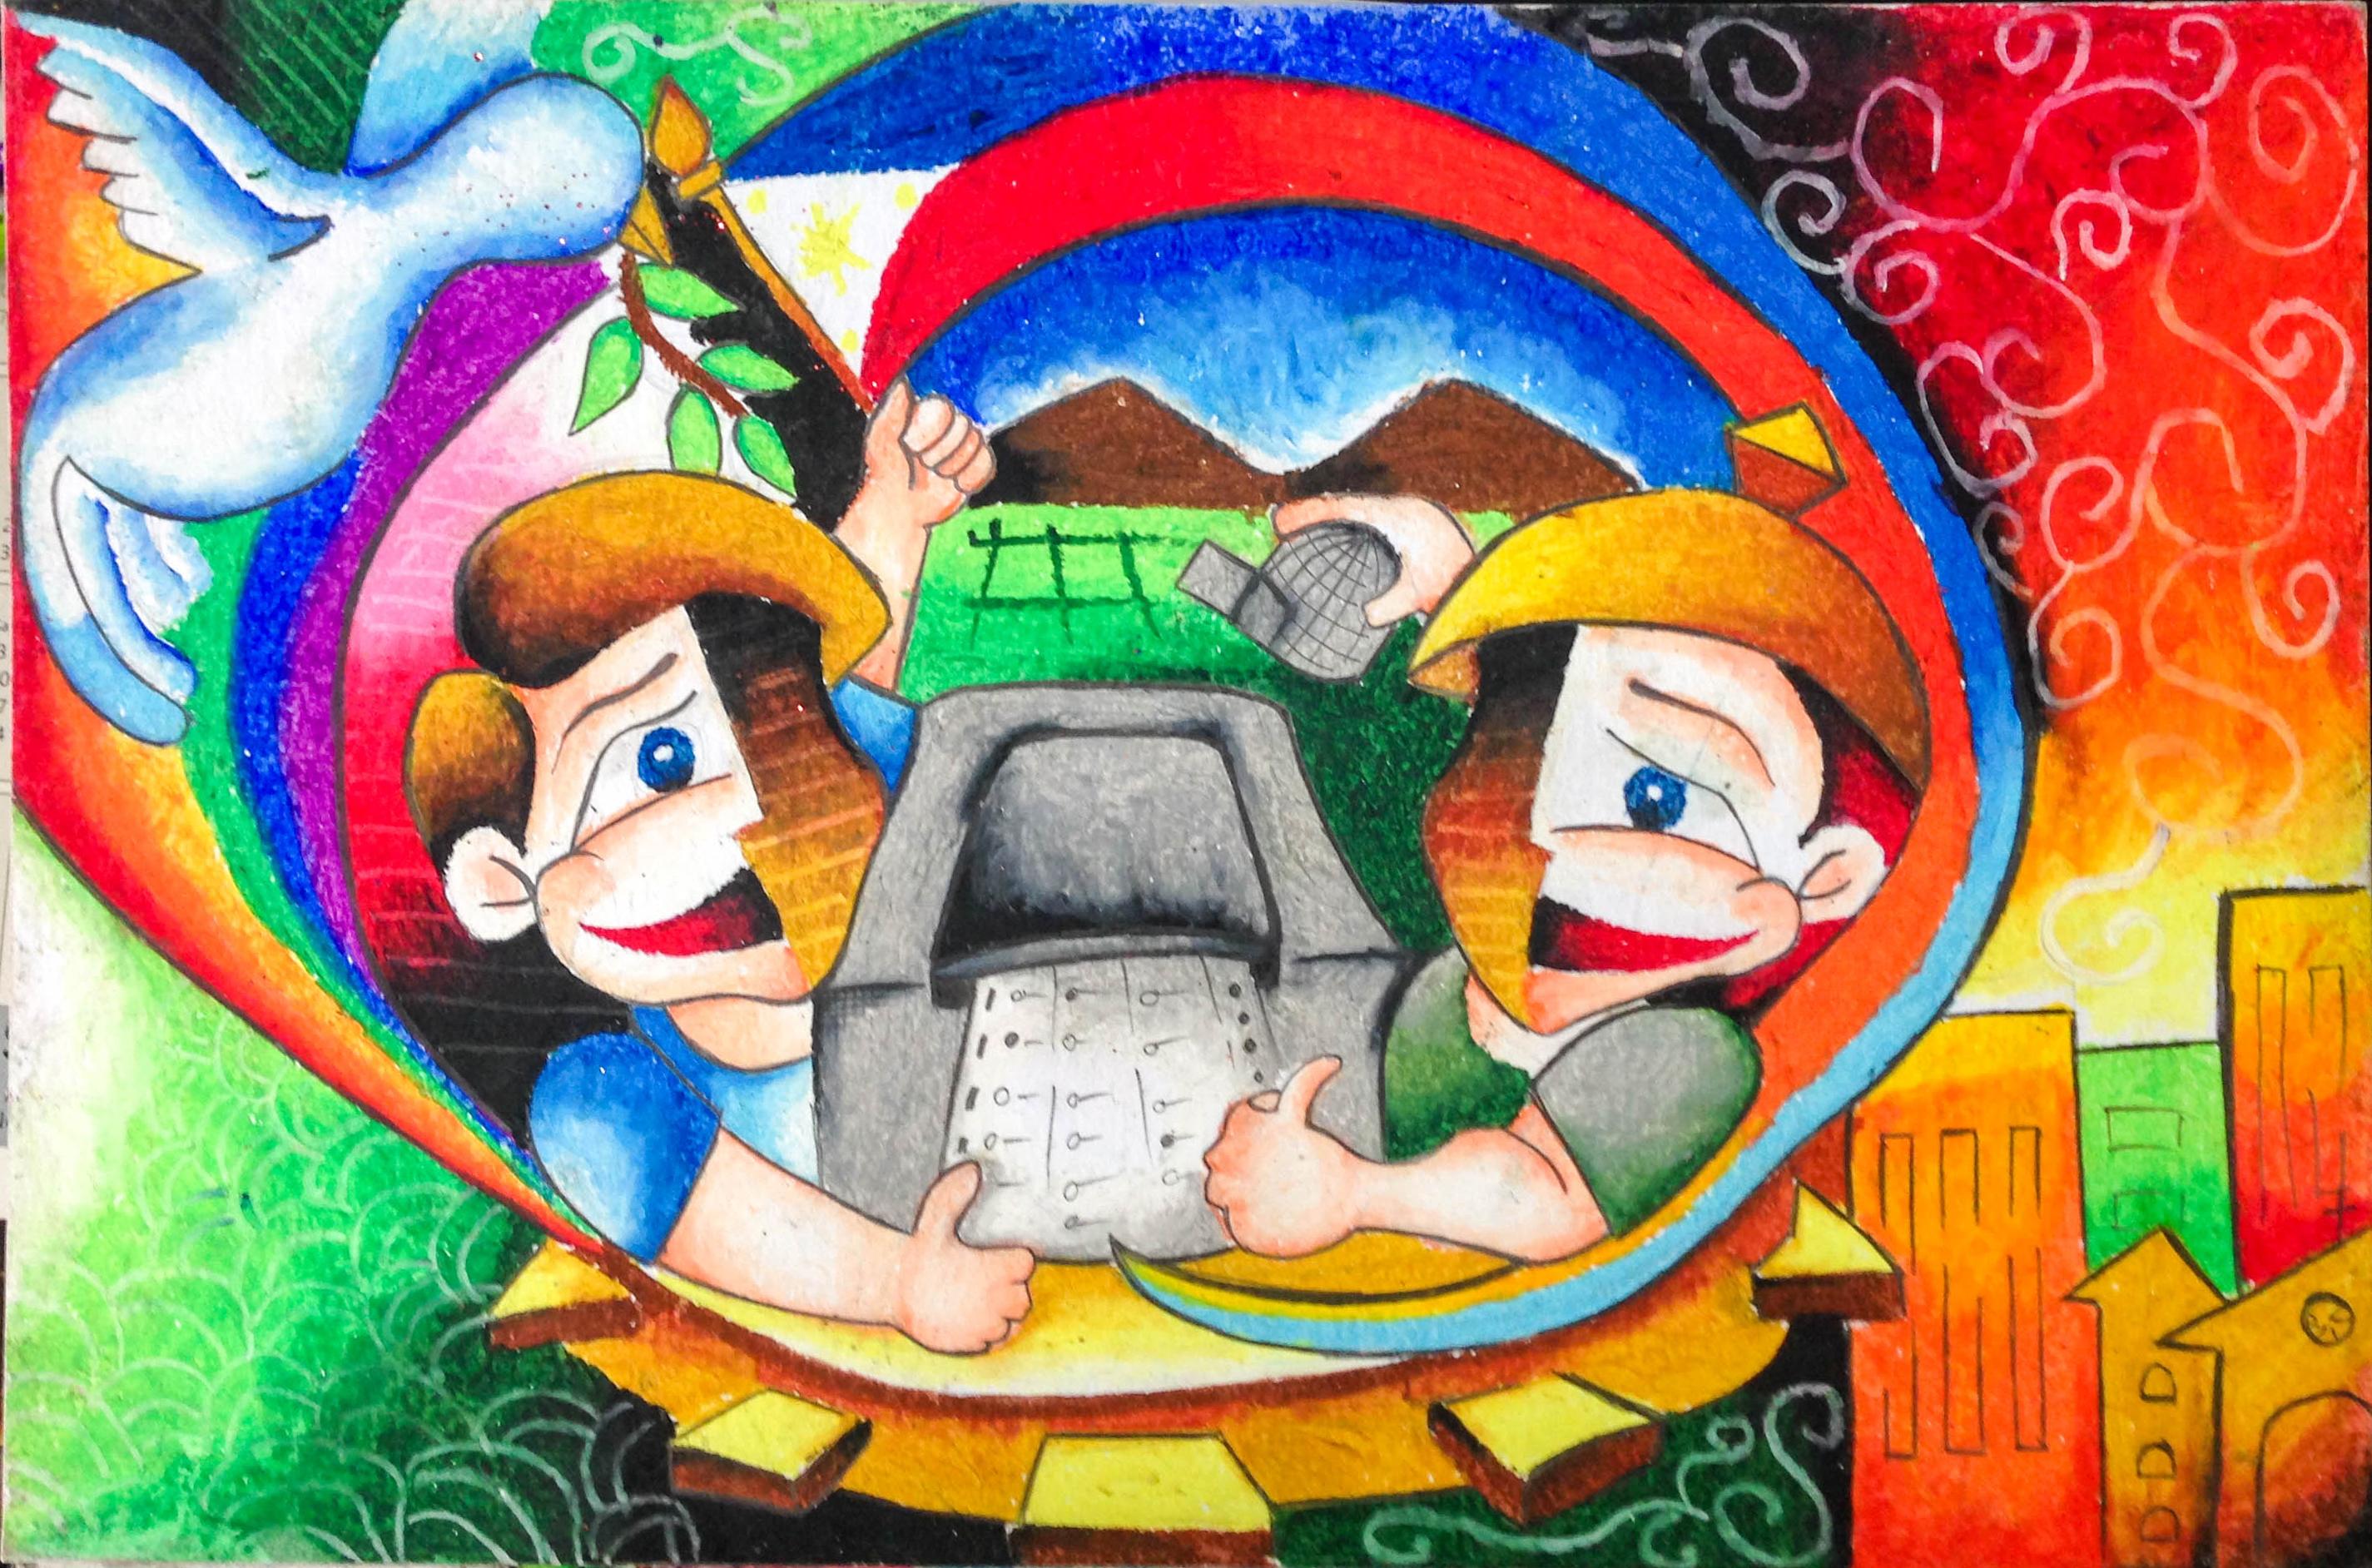 Poster design contest 2016 - 03 104 John Michael R Inocencio Grade 6 Humility